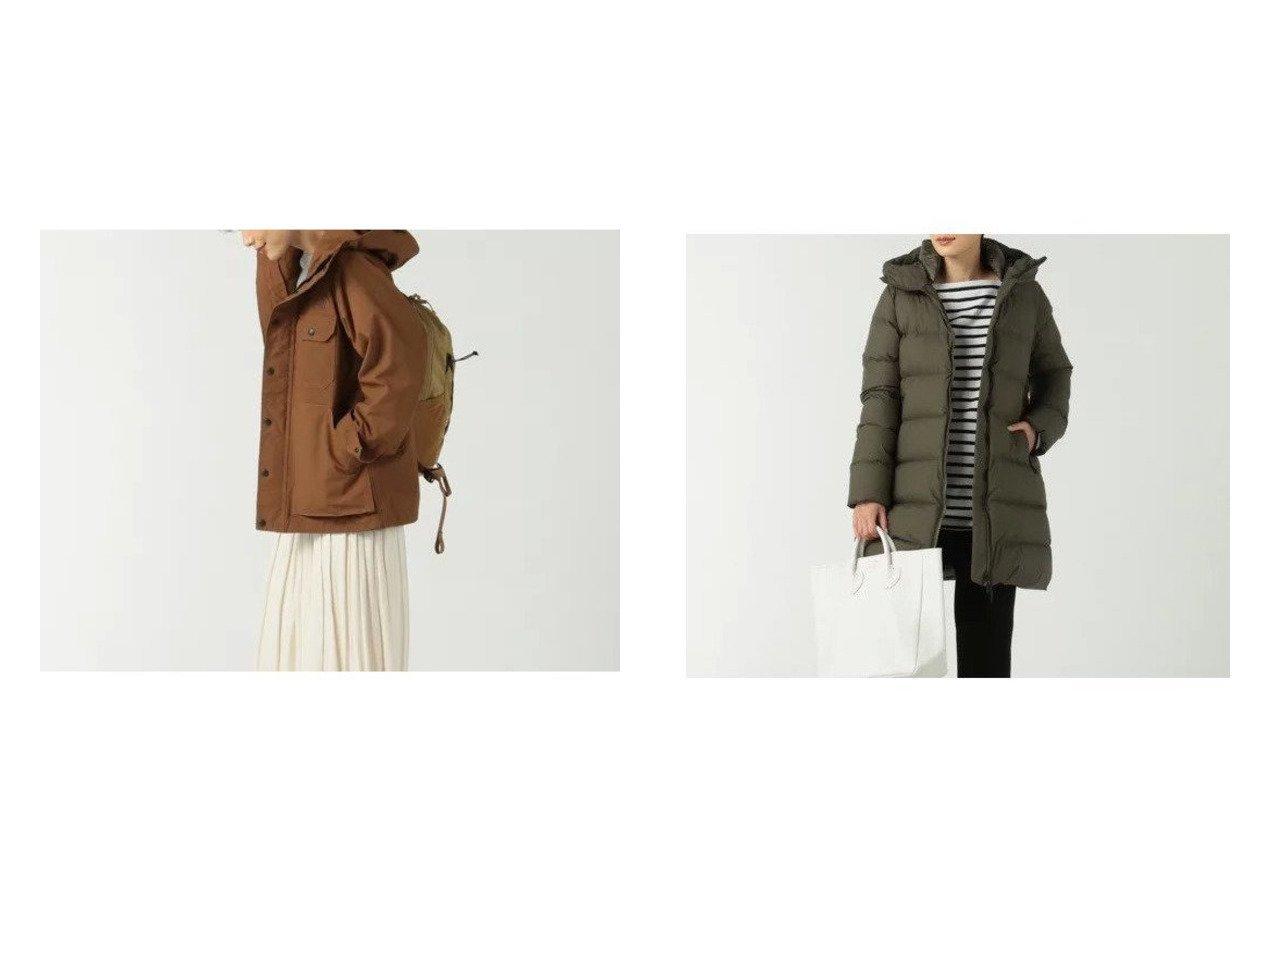 【THE NORTH FACE/ザ ノース フェイス】のZI Magne Firefly Mountain Parka&WS Down Shell Coat 【アウター】おすすめ!人気、トレンド・レディースファッションの通販 おすすめで人気の流行・トレンド、ファッションの通販商品 インテリア・家具・メンズファッション・キッズファッション・レディースファッション・服の通販 founy(ファニー) https://founy.com/ ファッション Fashion レディースファッション WOMEN アウター Coat Outerwear コート Coats ダウン 防寒 ロング |ID:crp329100000056385